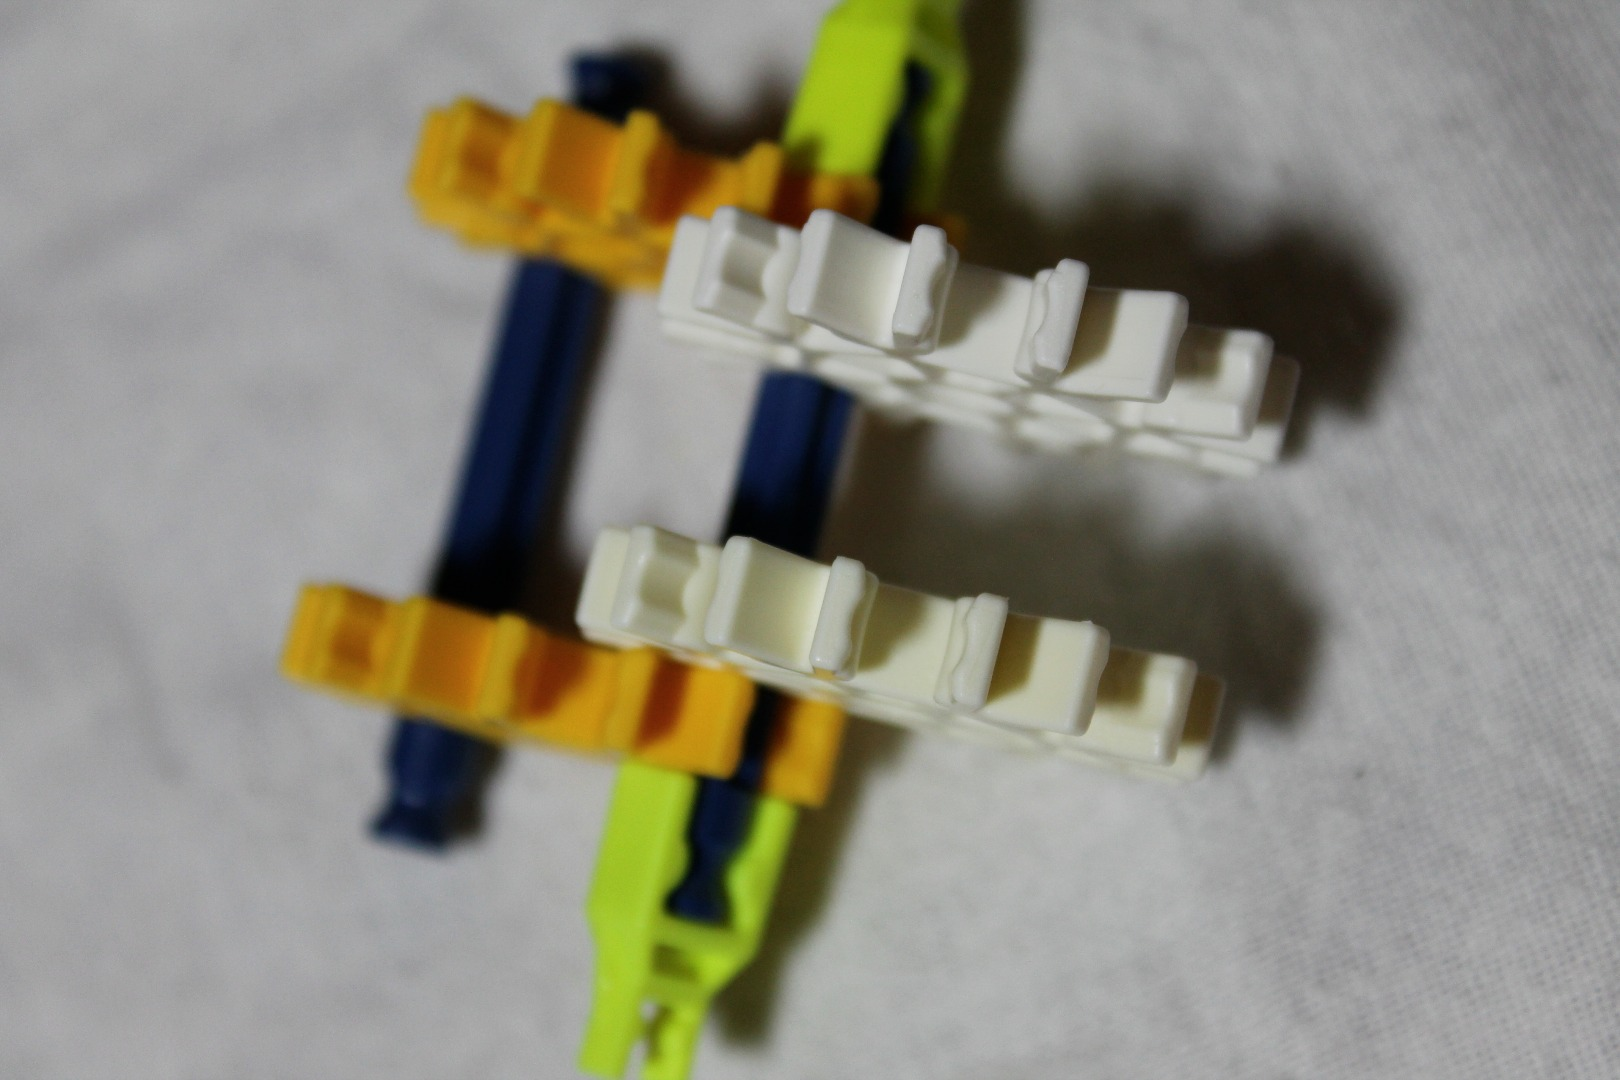 Picture of Egg Spinner (AKA Egg Base) Part 2